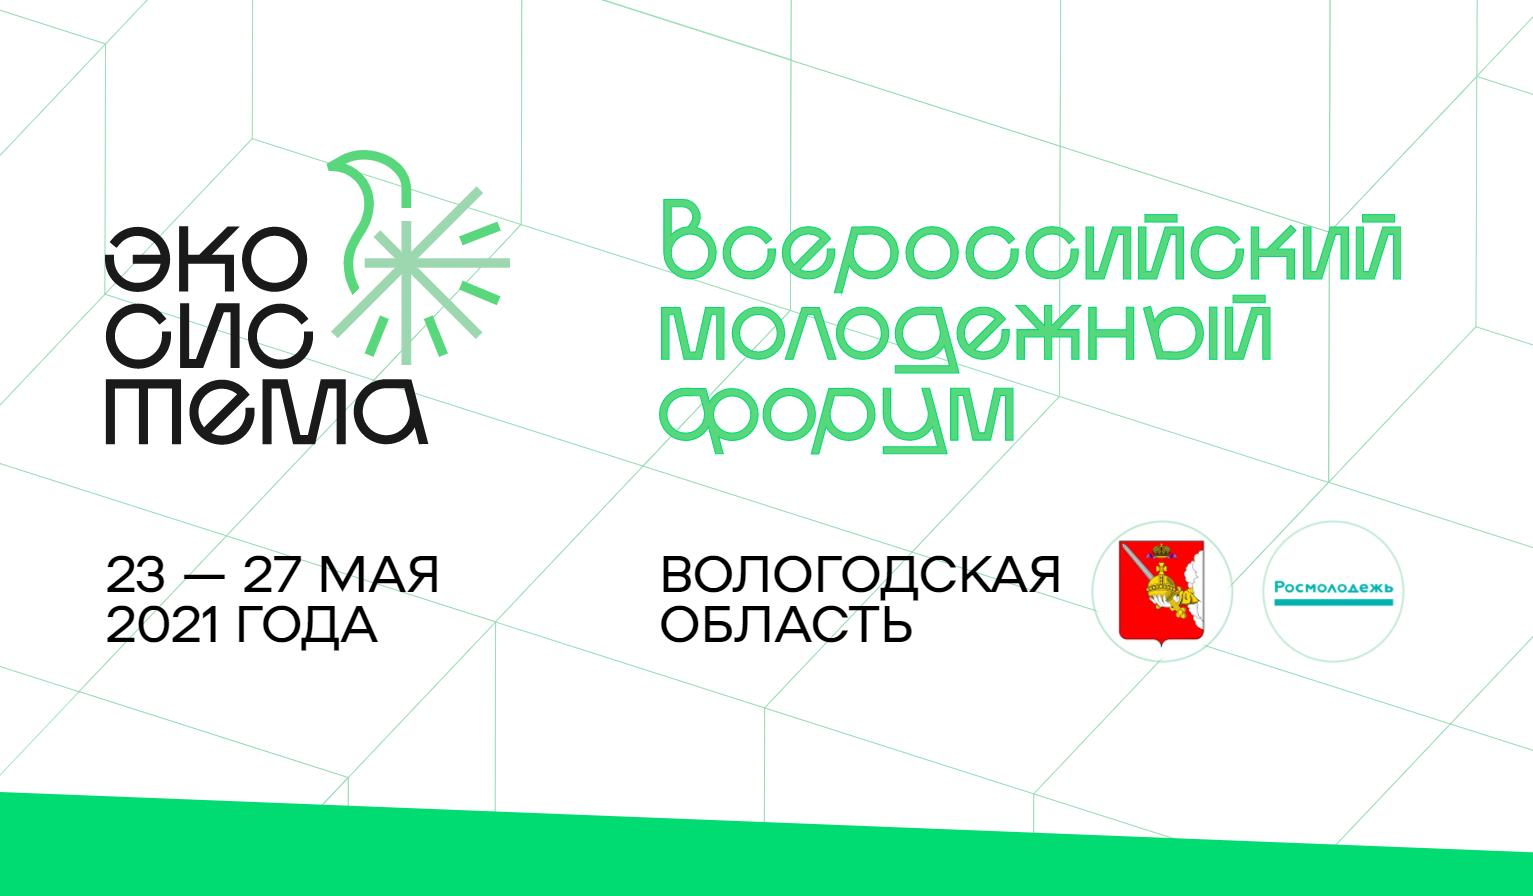 Российское экологическое общество выступает партнером Всероссийского молодежного форума «ЭКОСИСТЕМА»